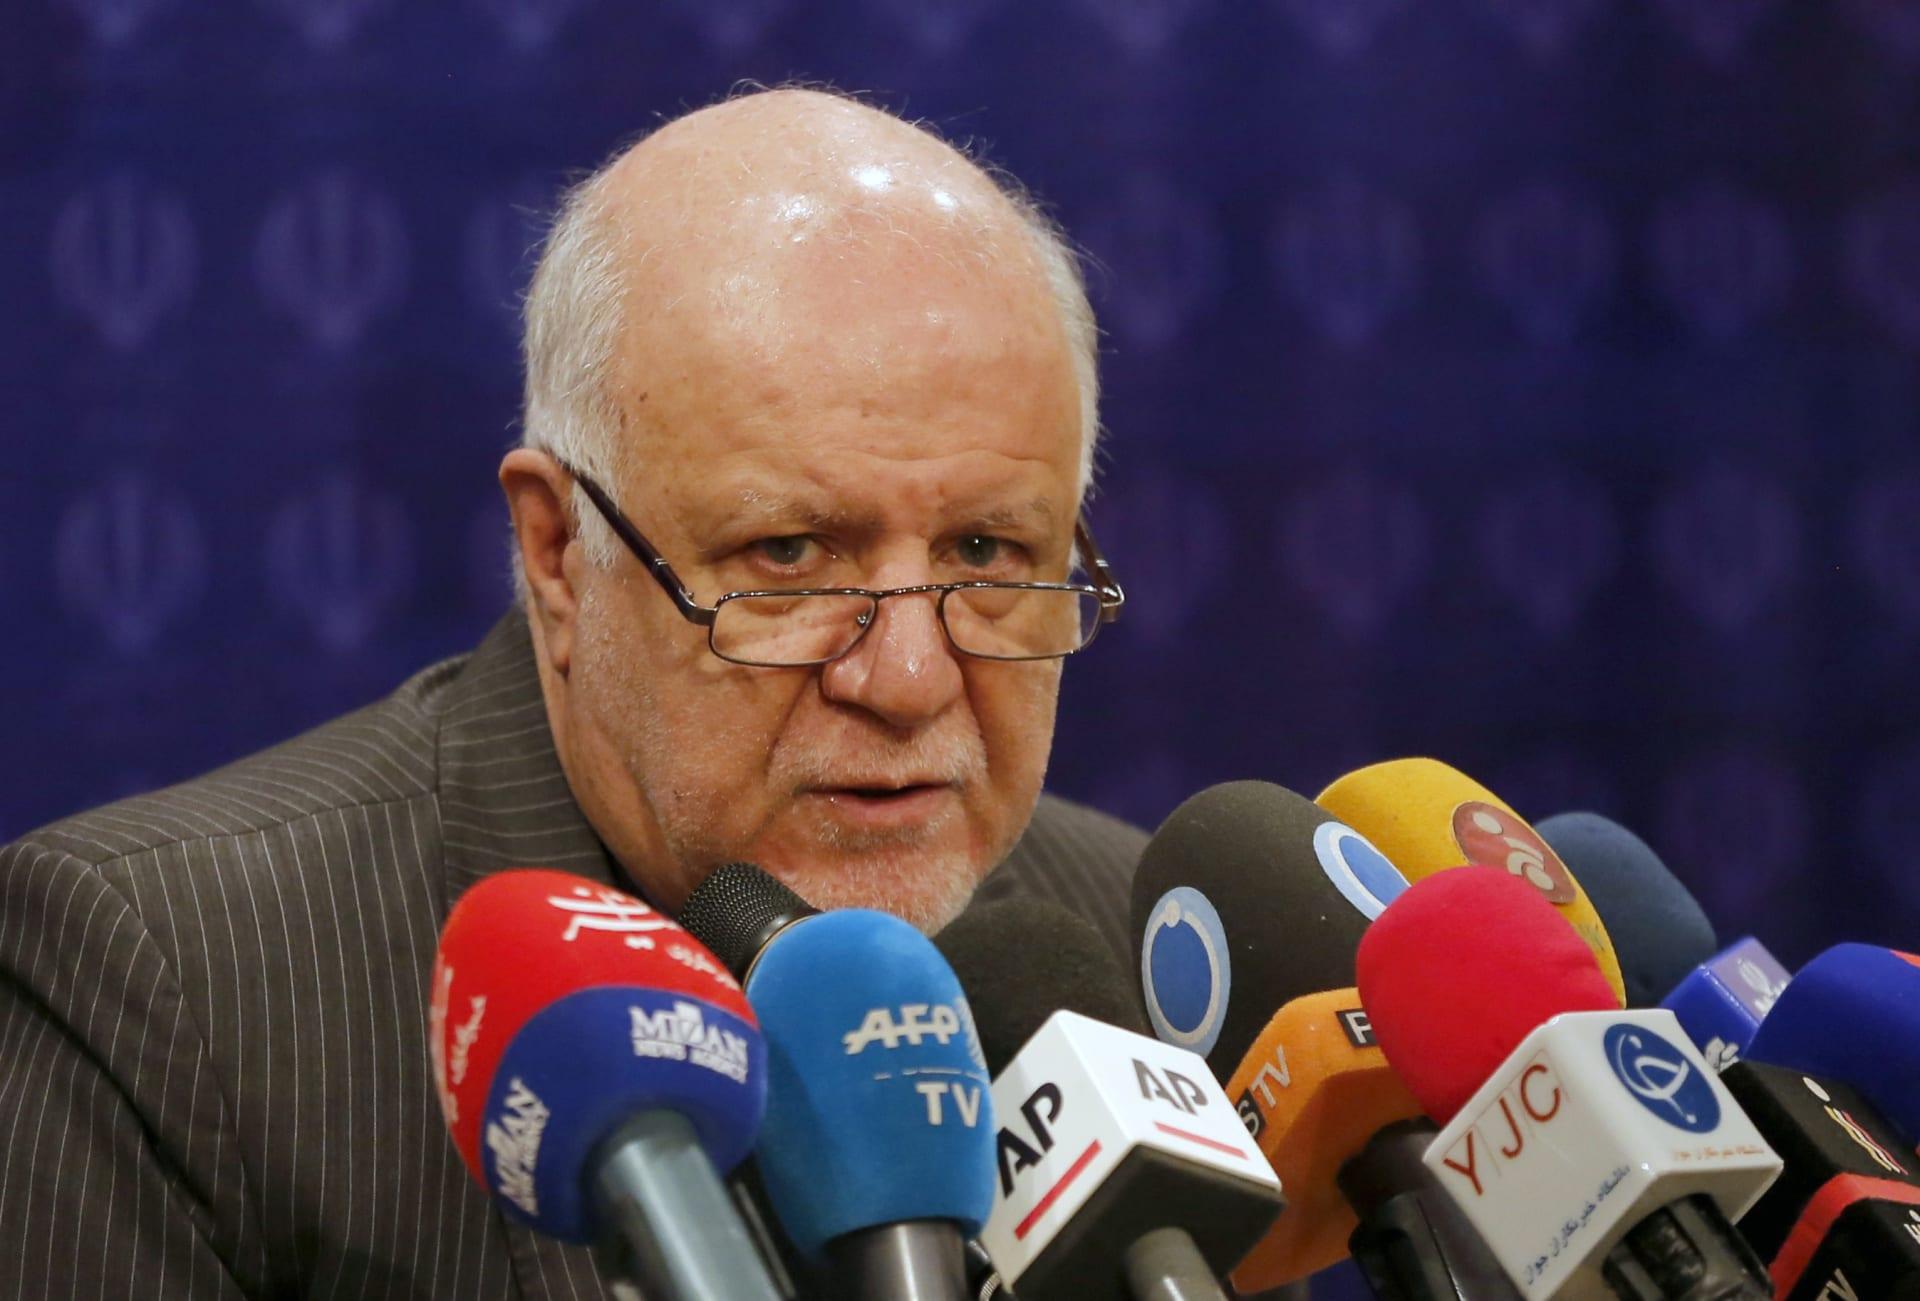 وزير النفط الإيراني: لا يمكن للتصريحات الأمريكية التحكم بأسواق النفط